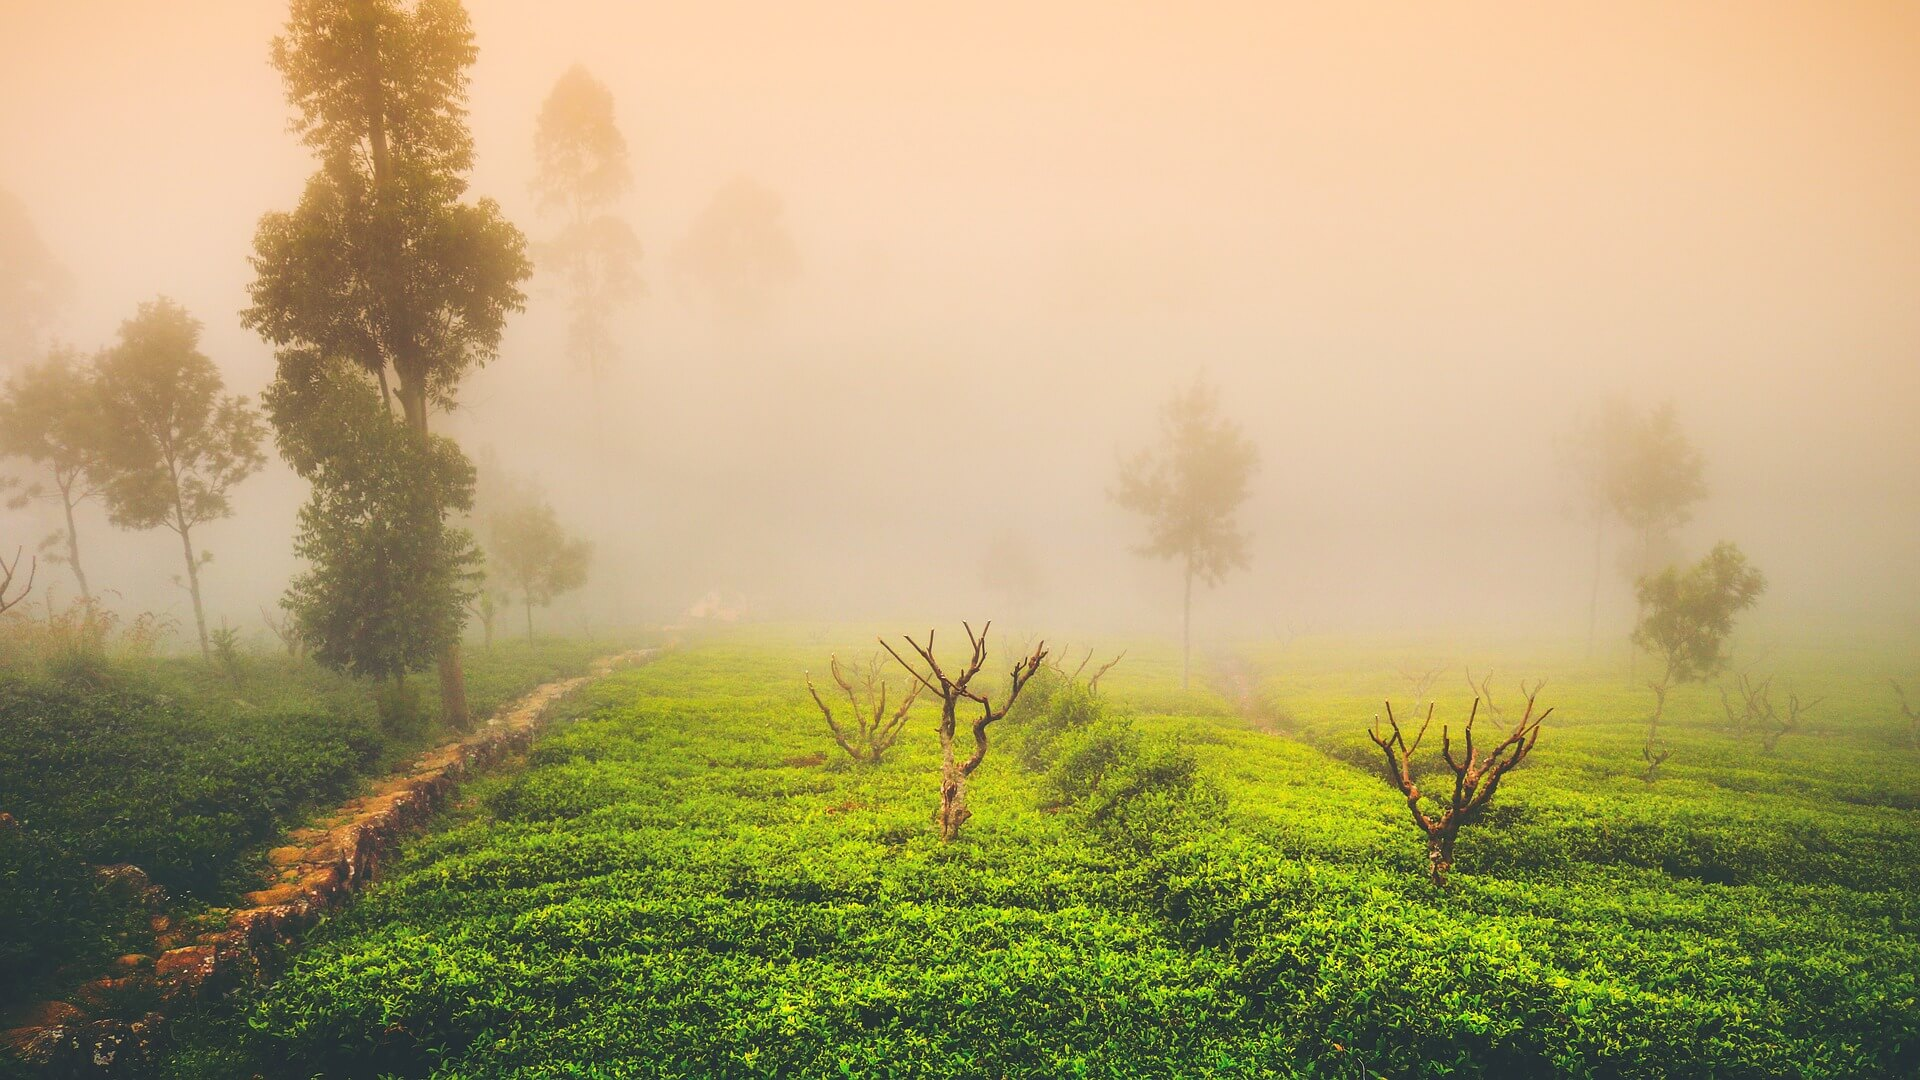 Jardin de thé, dans le brouillard